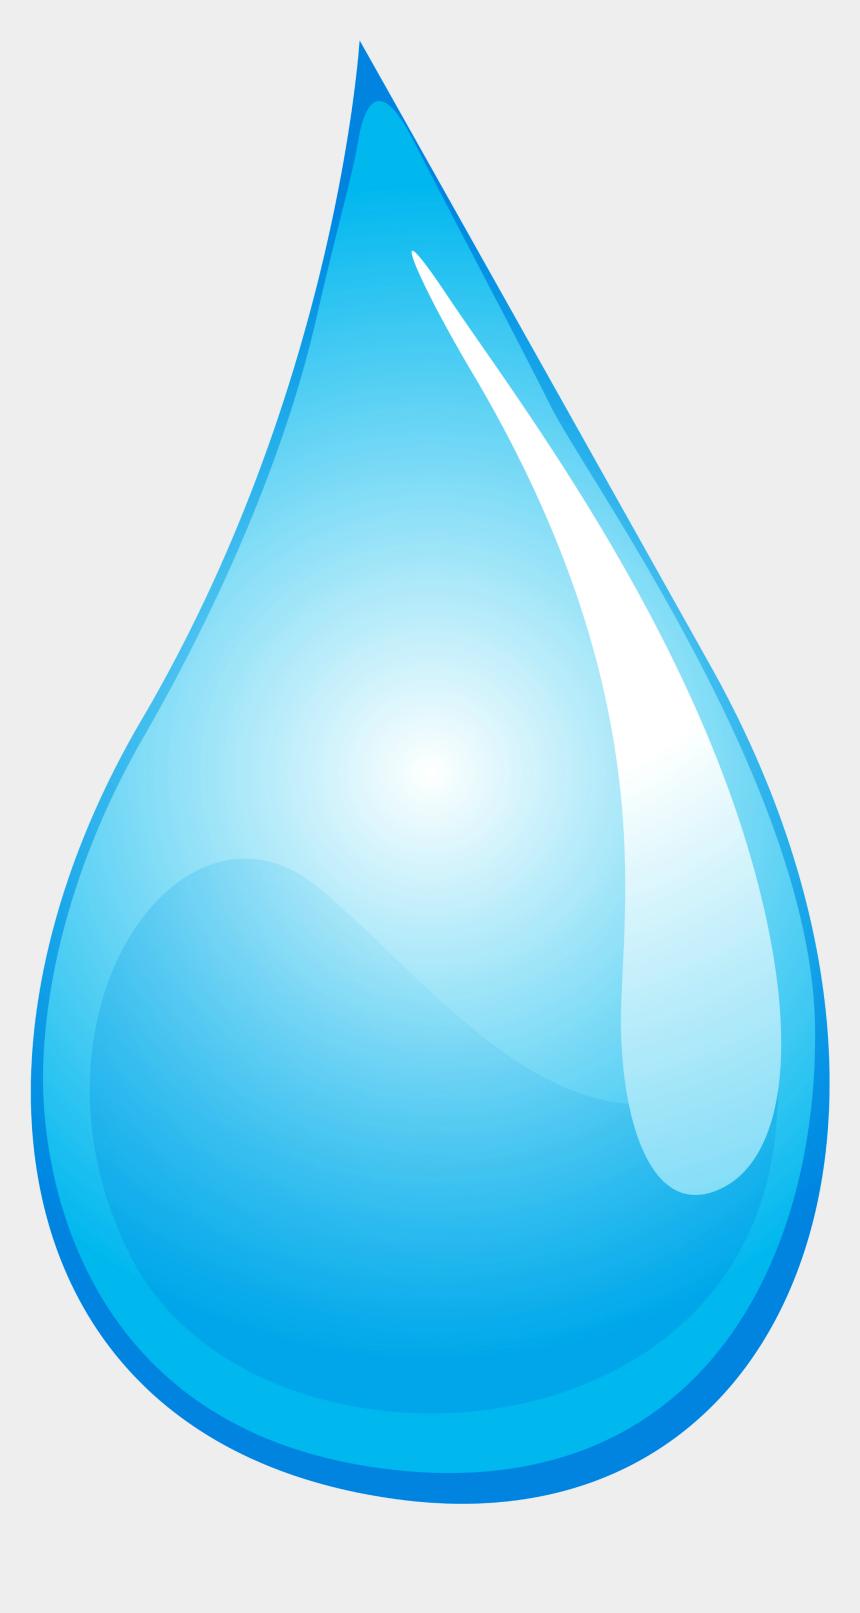 raindrops clip art free, Cartoons - Drop Computer Icons Clip Art - Transparent Background Rain Drop Clipart